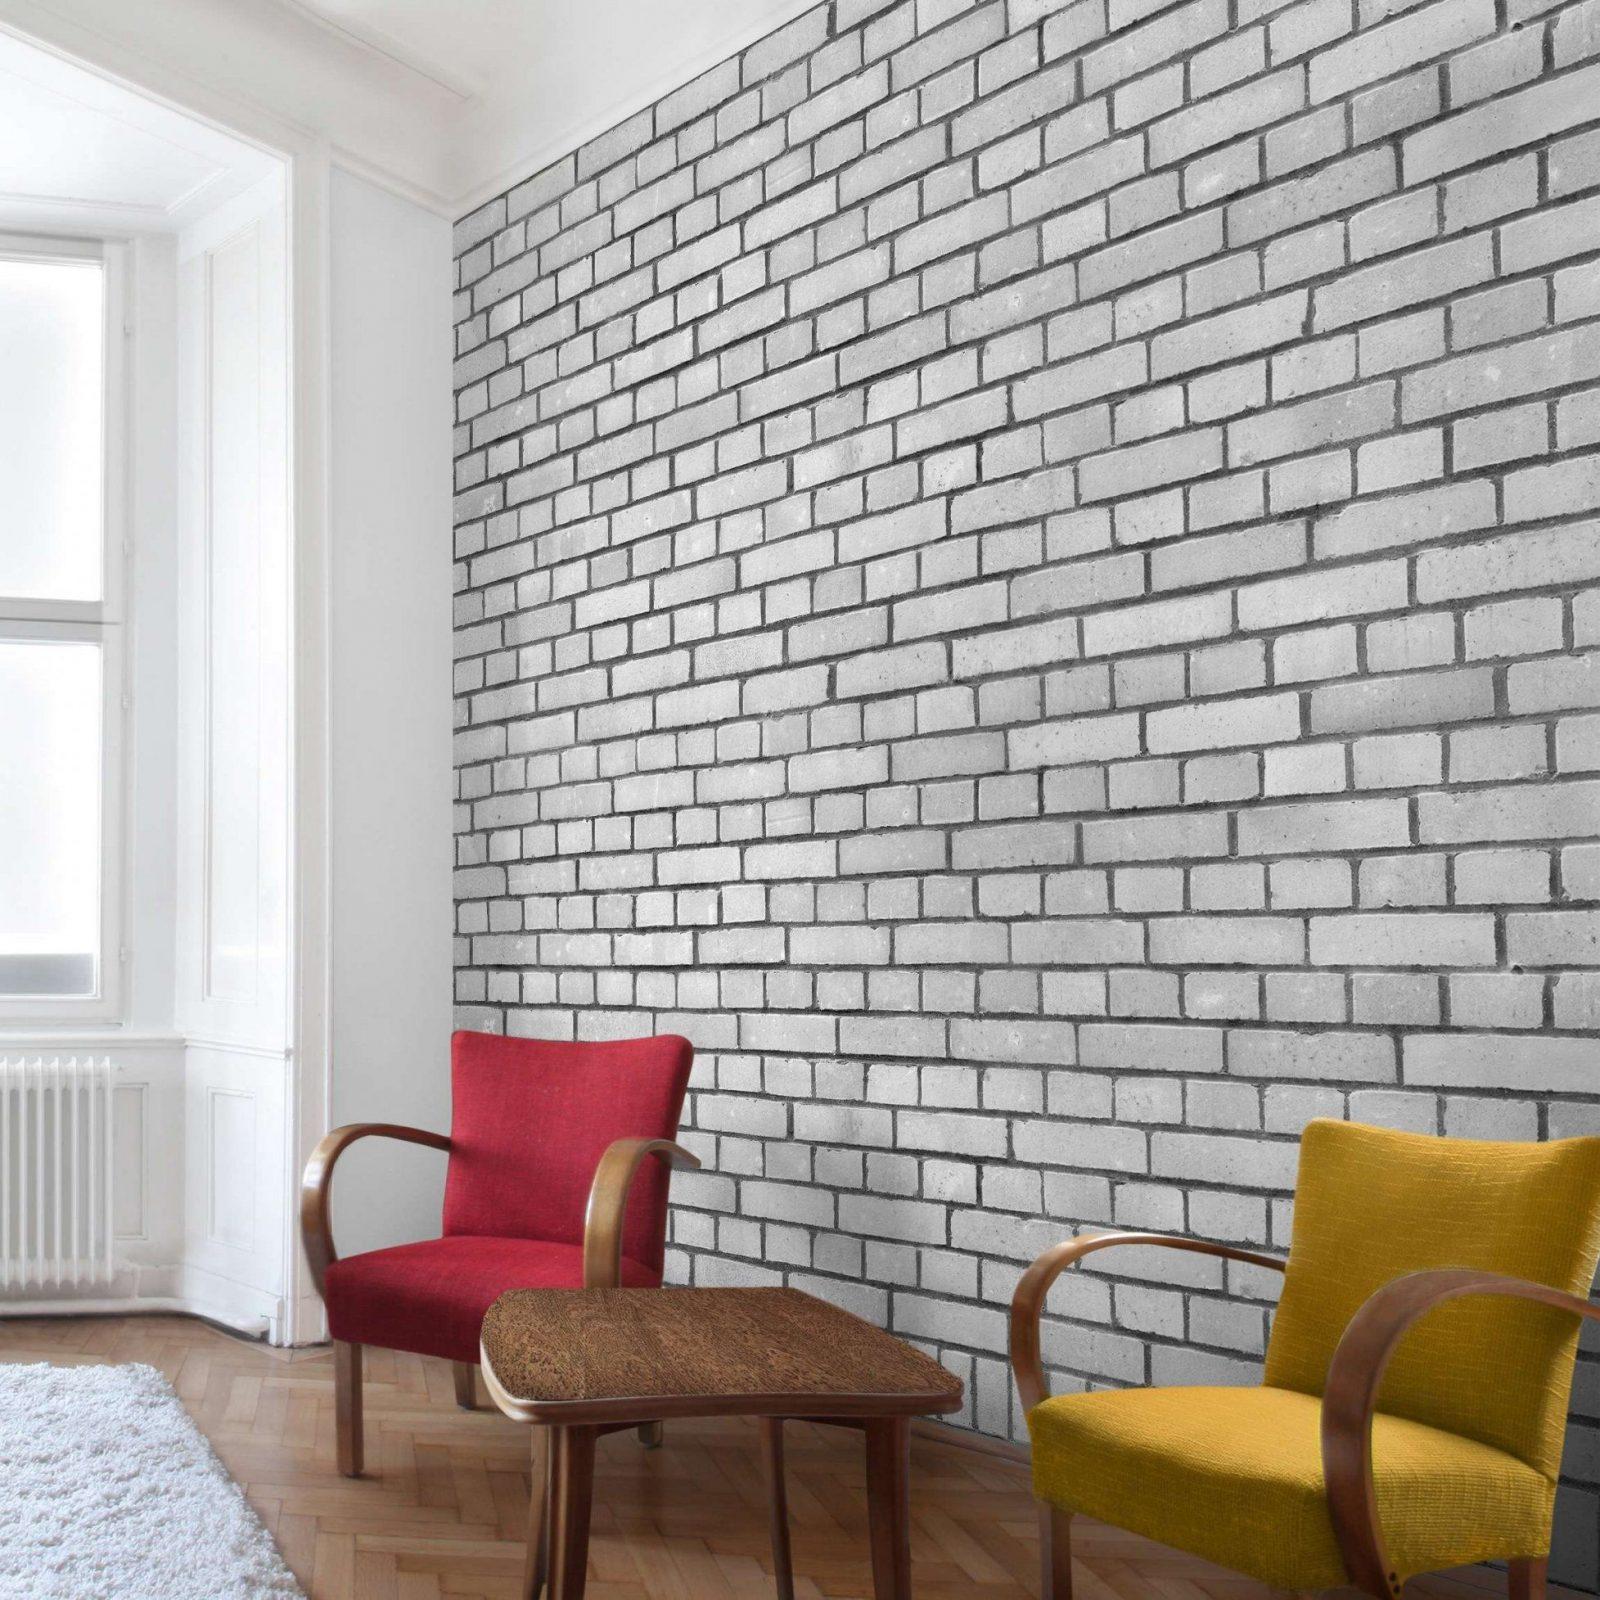 Stein Tapete Wohnzimmer Grau Stein Tapete Wohnzimmer Grau With von Tapete Steinoptik Wohnzimmer Grau Bild